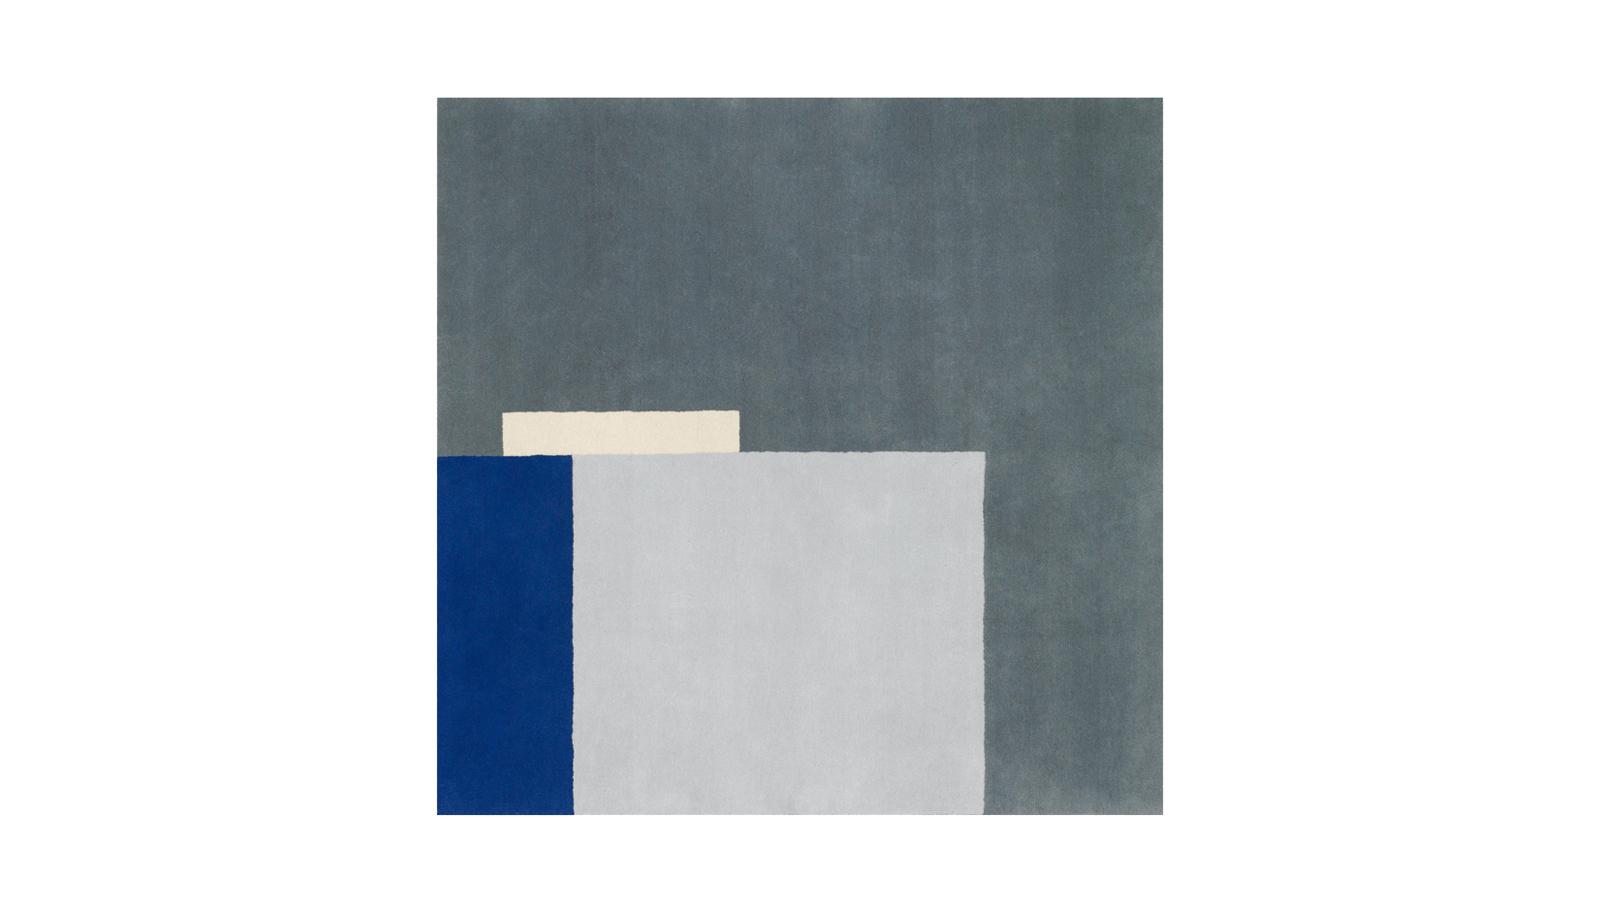 A modernizmus talán legismertebb bútorai mellett Eileen Gray szőnyegeket is tervezett, melyek tökéletesen kiegészítik kanapéit és asztalait. Közel száz éve tervezett alkotásai semmit sem veszítettek frissességükből: bármely mai otthon karakteres díszei lehetnek. A Roquebrune modell, mely talán a kollekció egyik legszebbje, egy fehér villaépületet ábrázol, mely egy szürke szikláról nyúlik ki a tenger fölé.